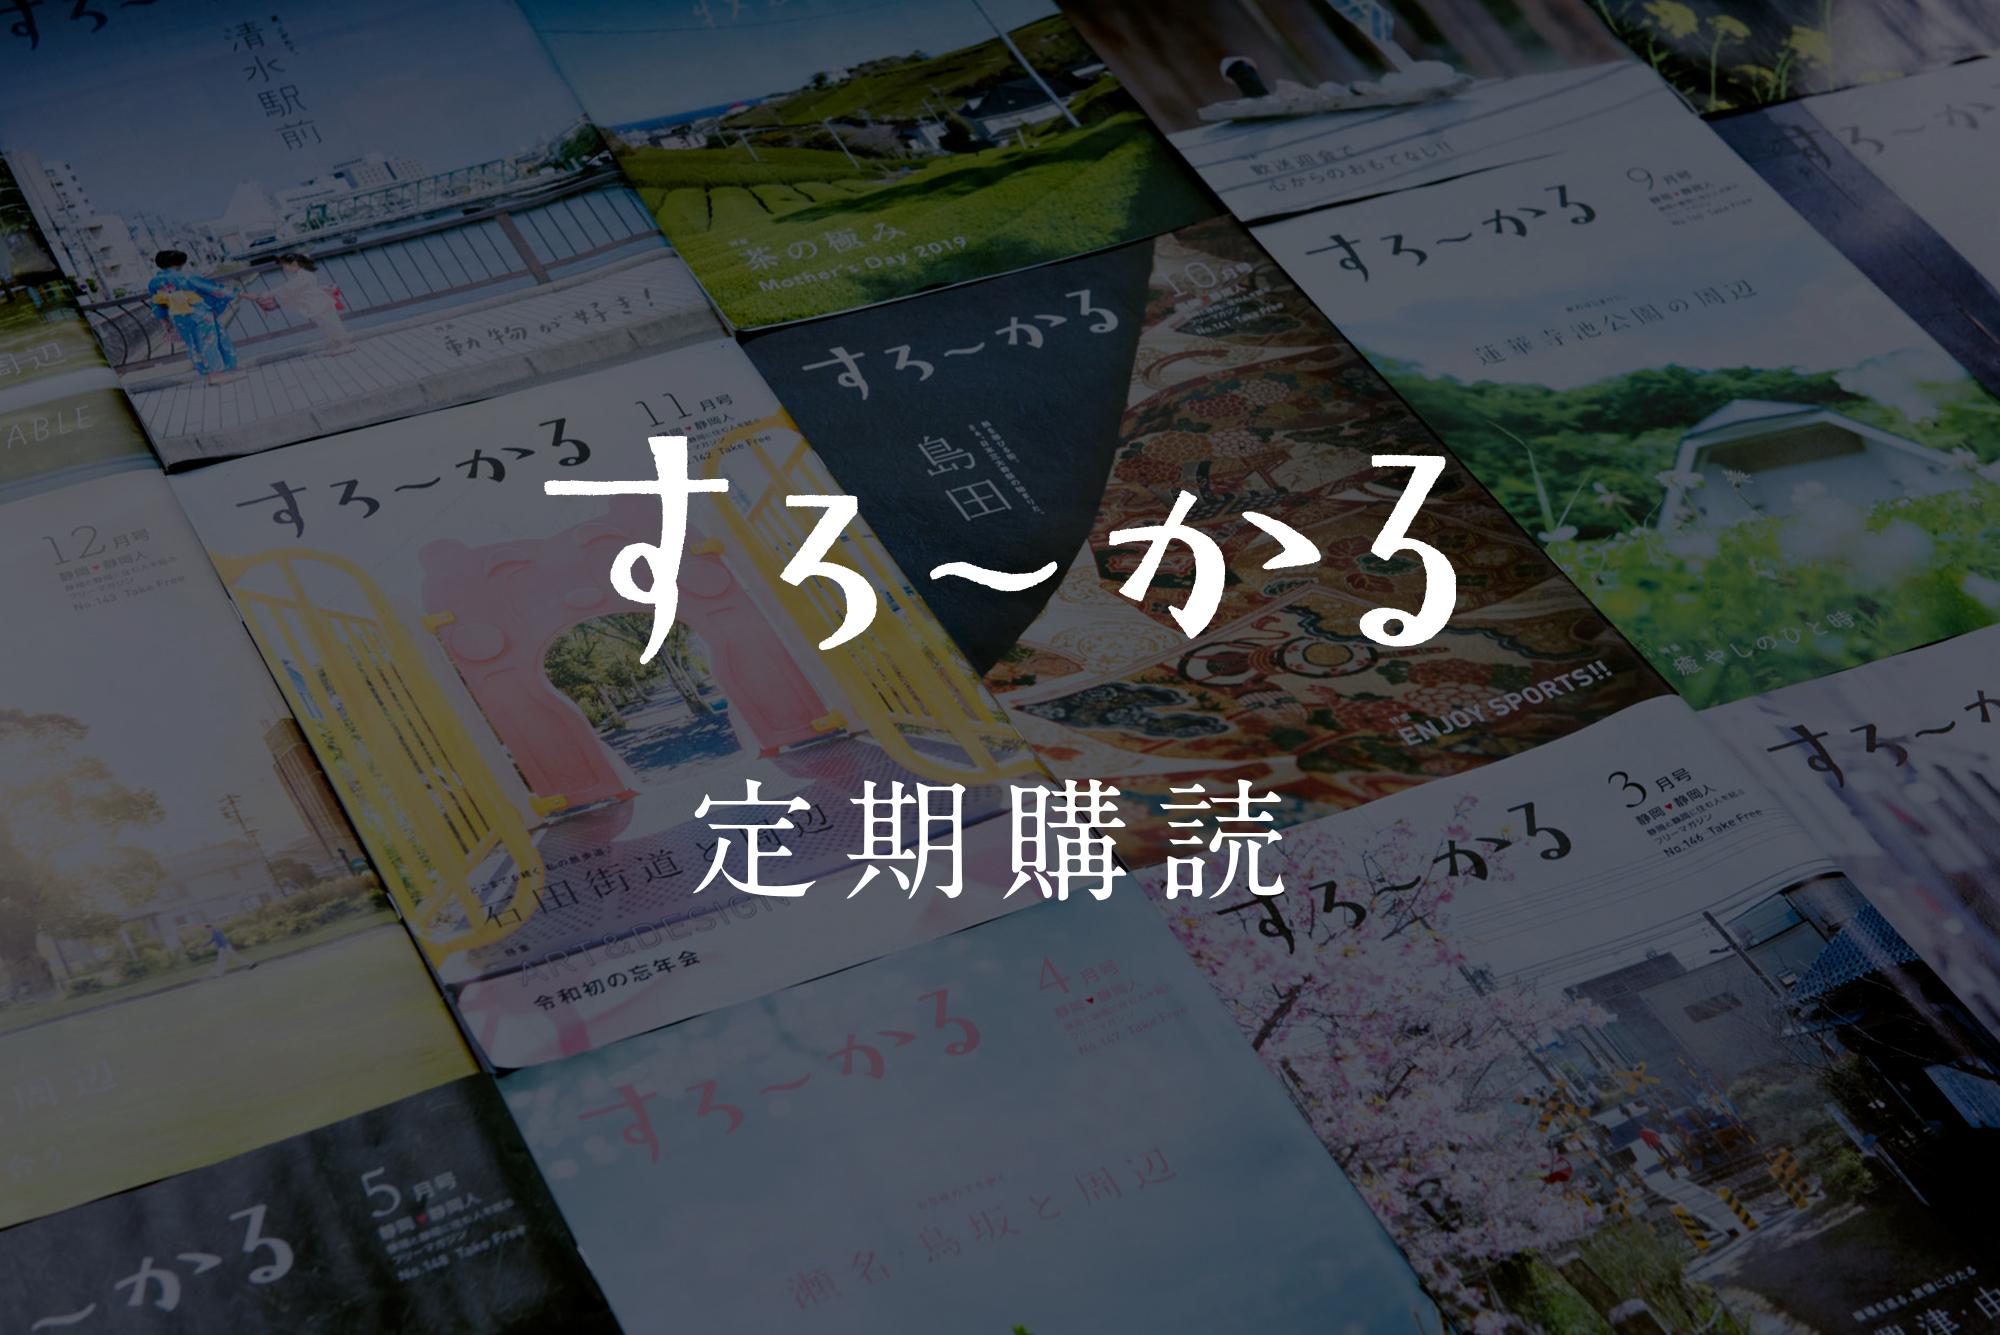 フリーマガジン『すろーかる』定期購読(12回分)